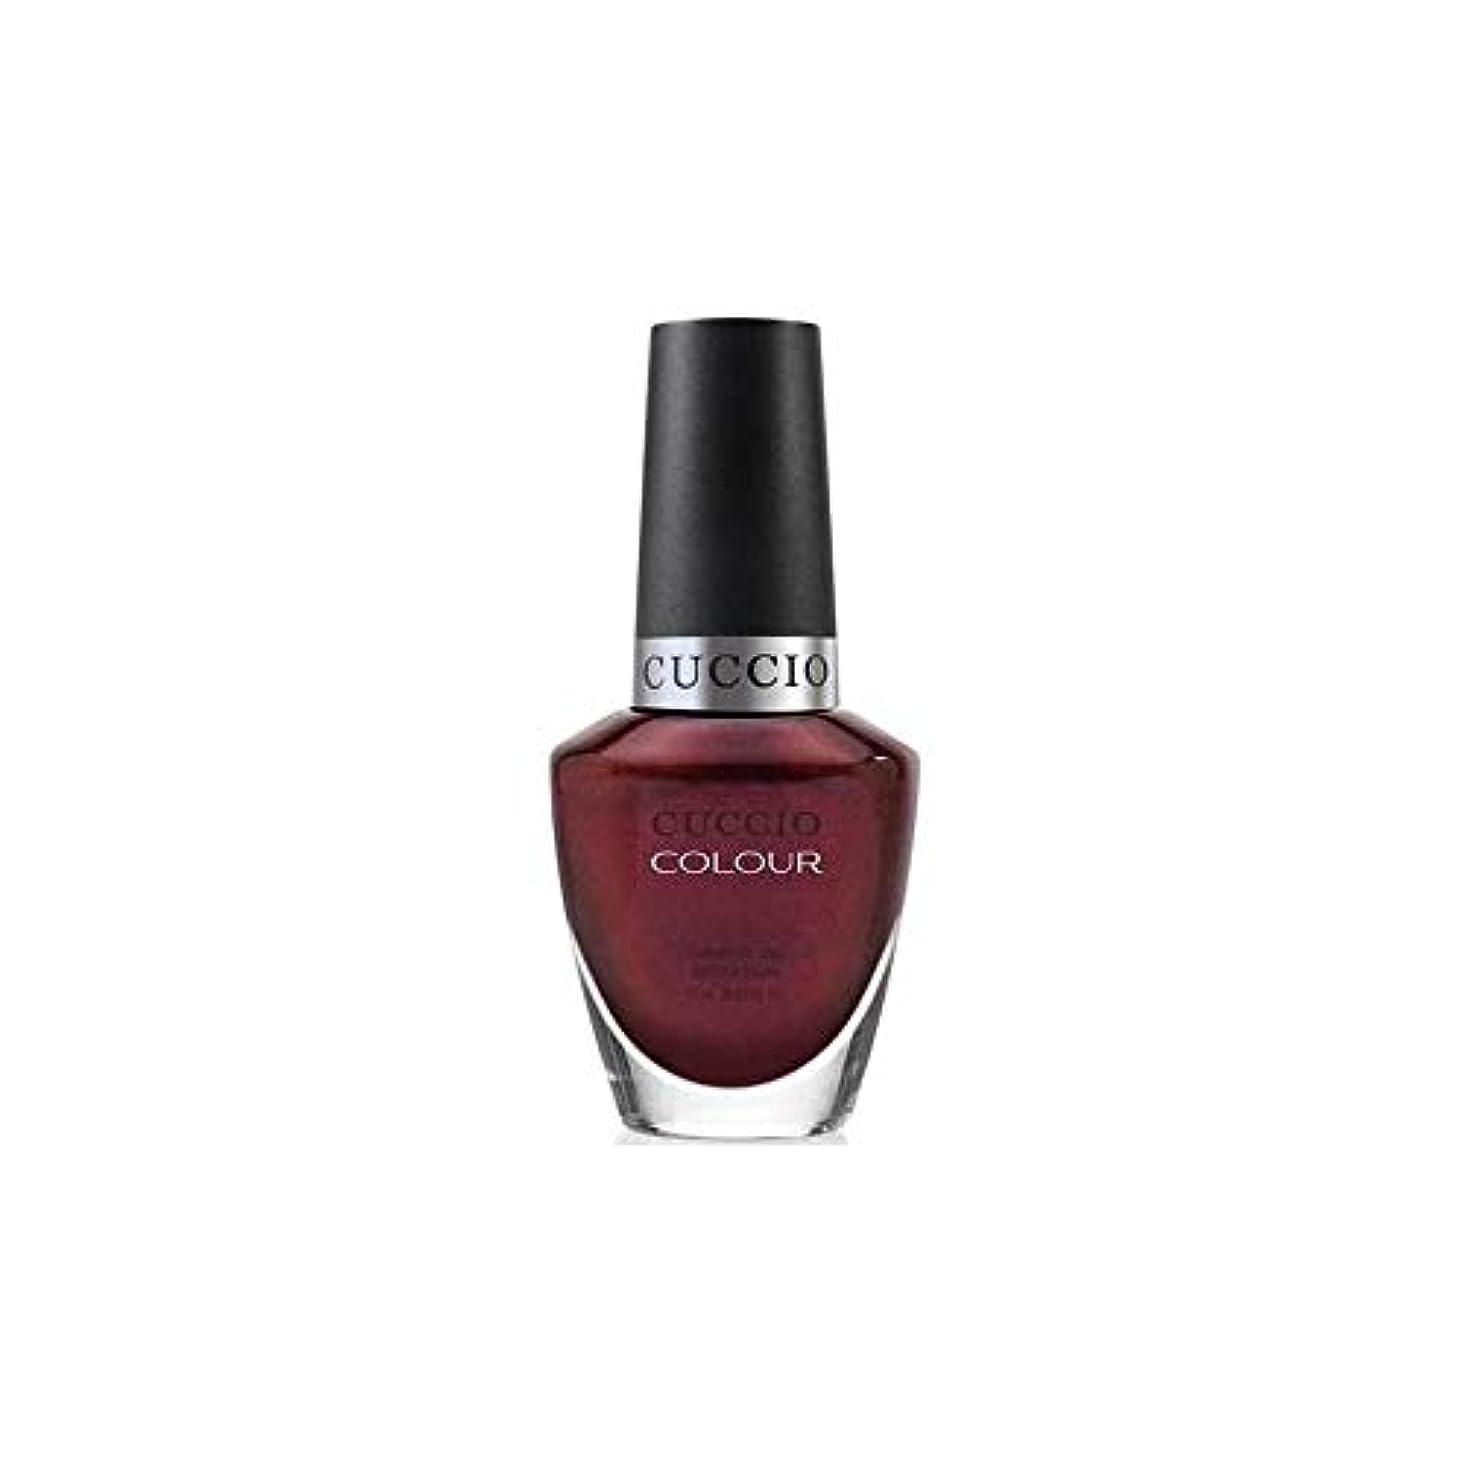 思慮深い予報トロリーCuccio Colour Gloss Lacquer - Royal Flush - 0.43oz / 13ml